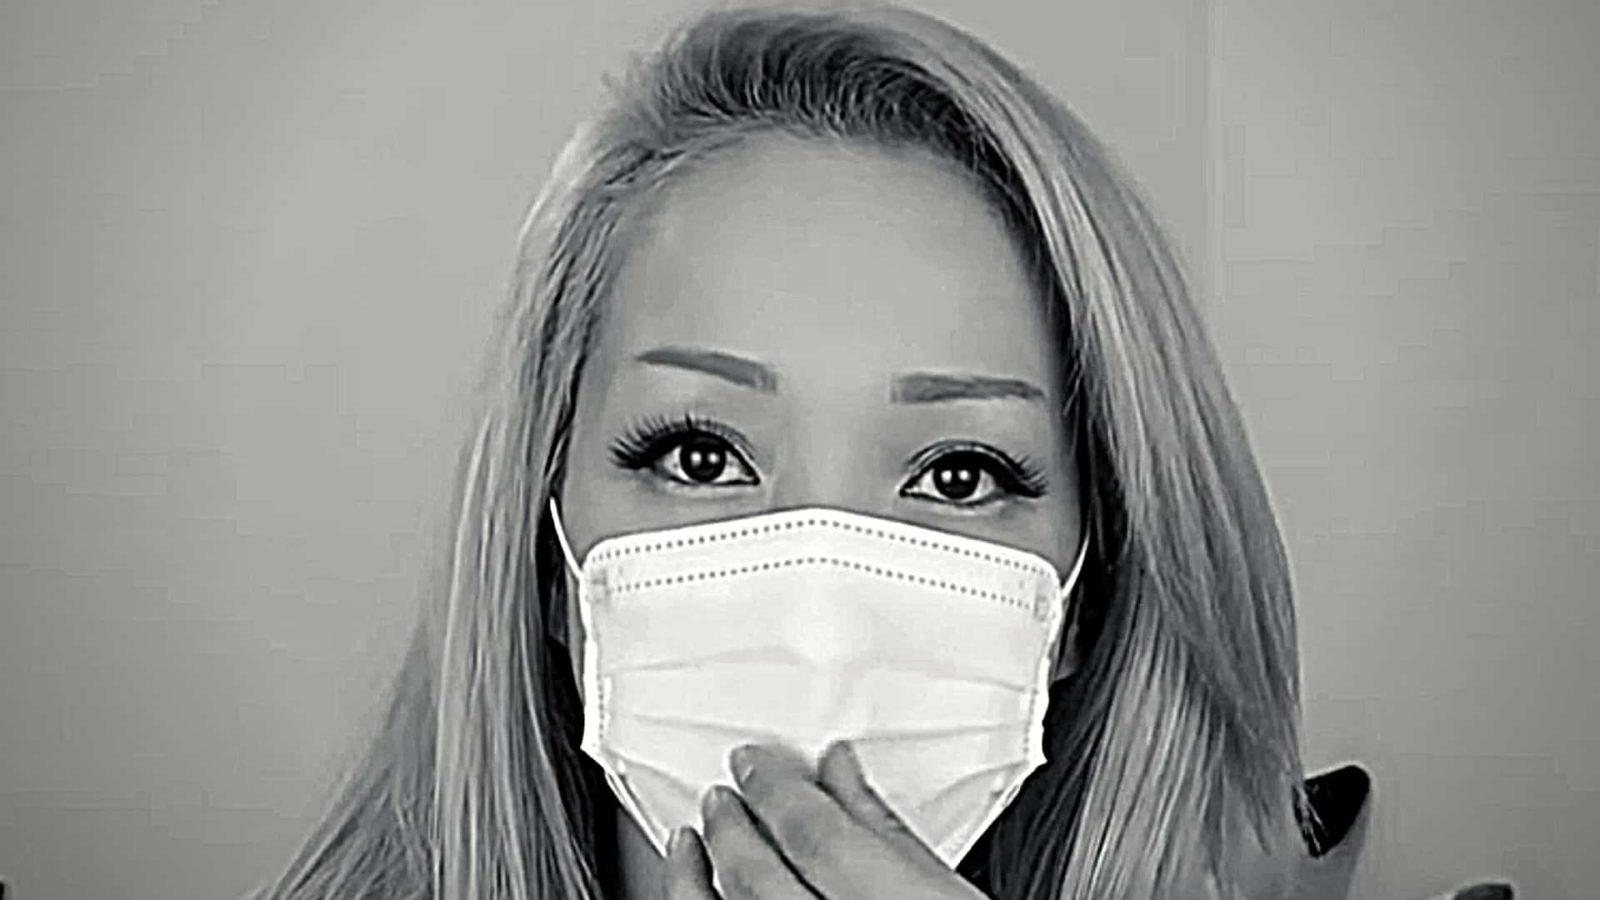 Статистика заболеваний туберкулезом в мире